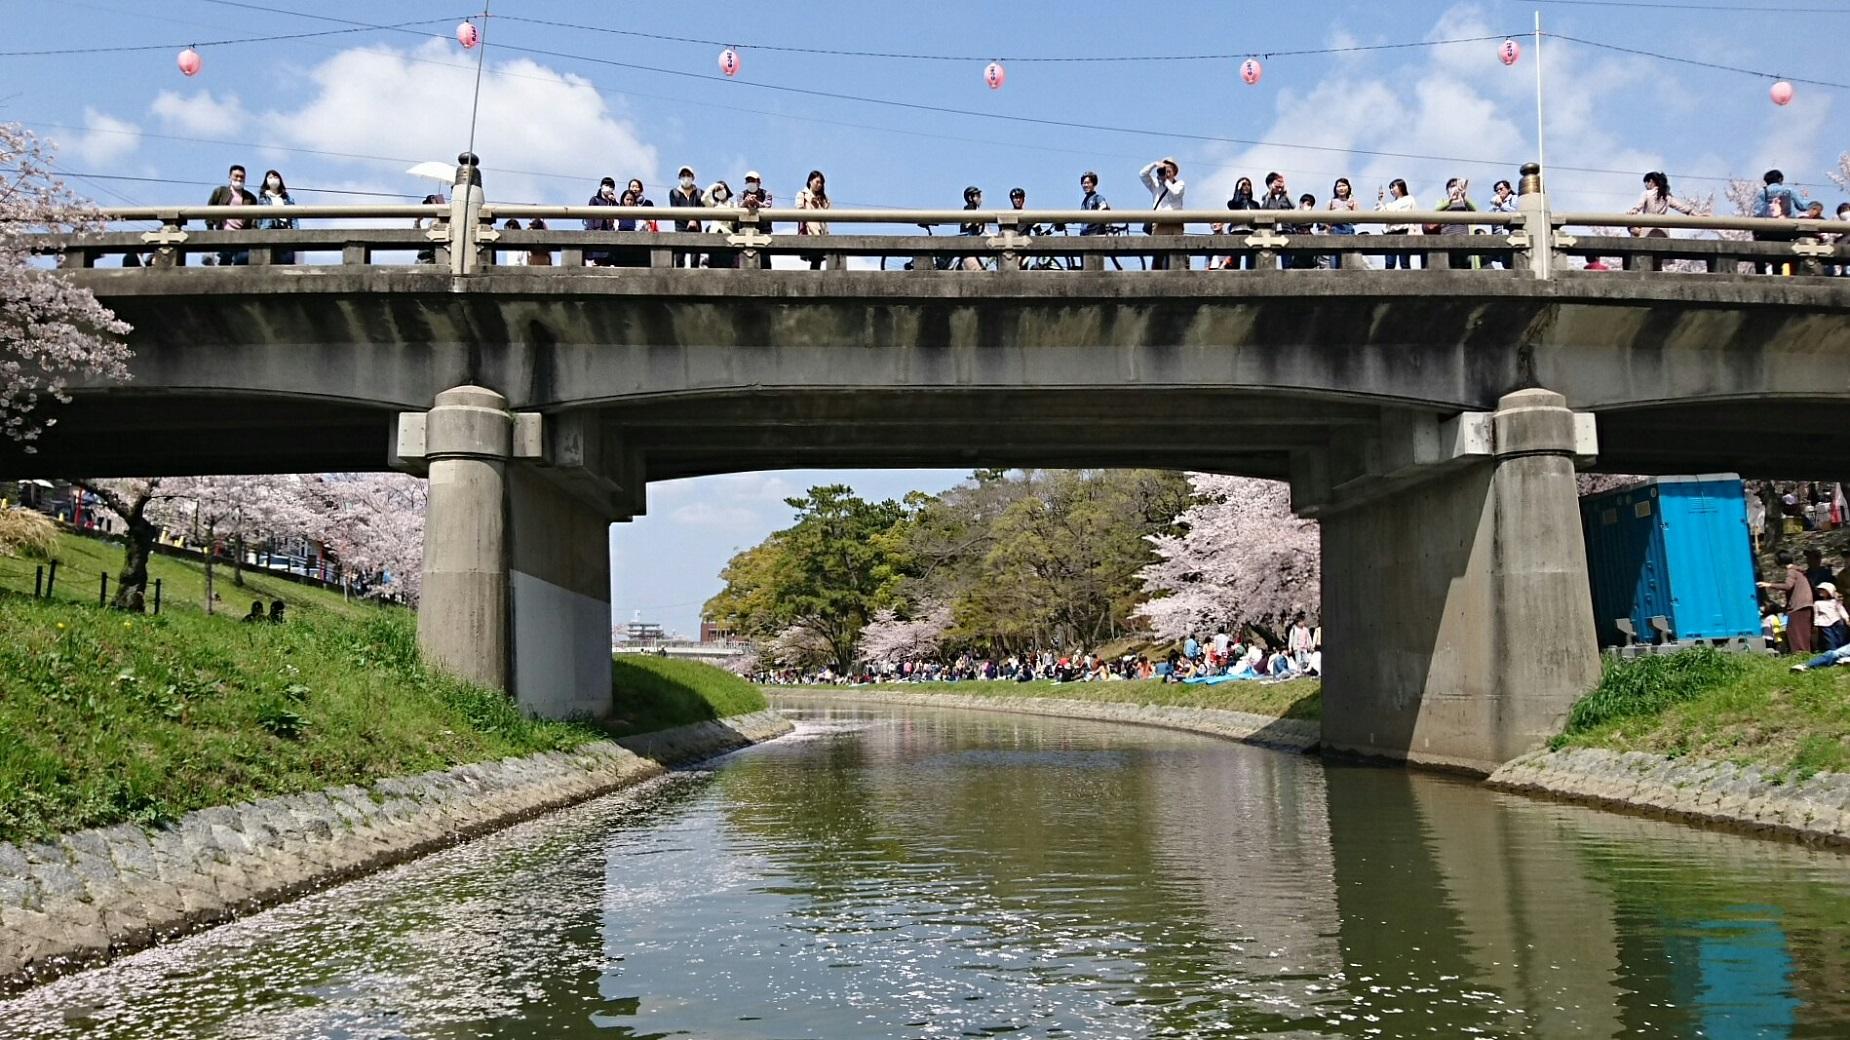 2018.3.31 岡崎ふなあそび (38) 伊賀川のぼり - 竹千代橋 1850-1040